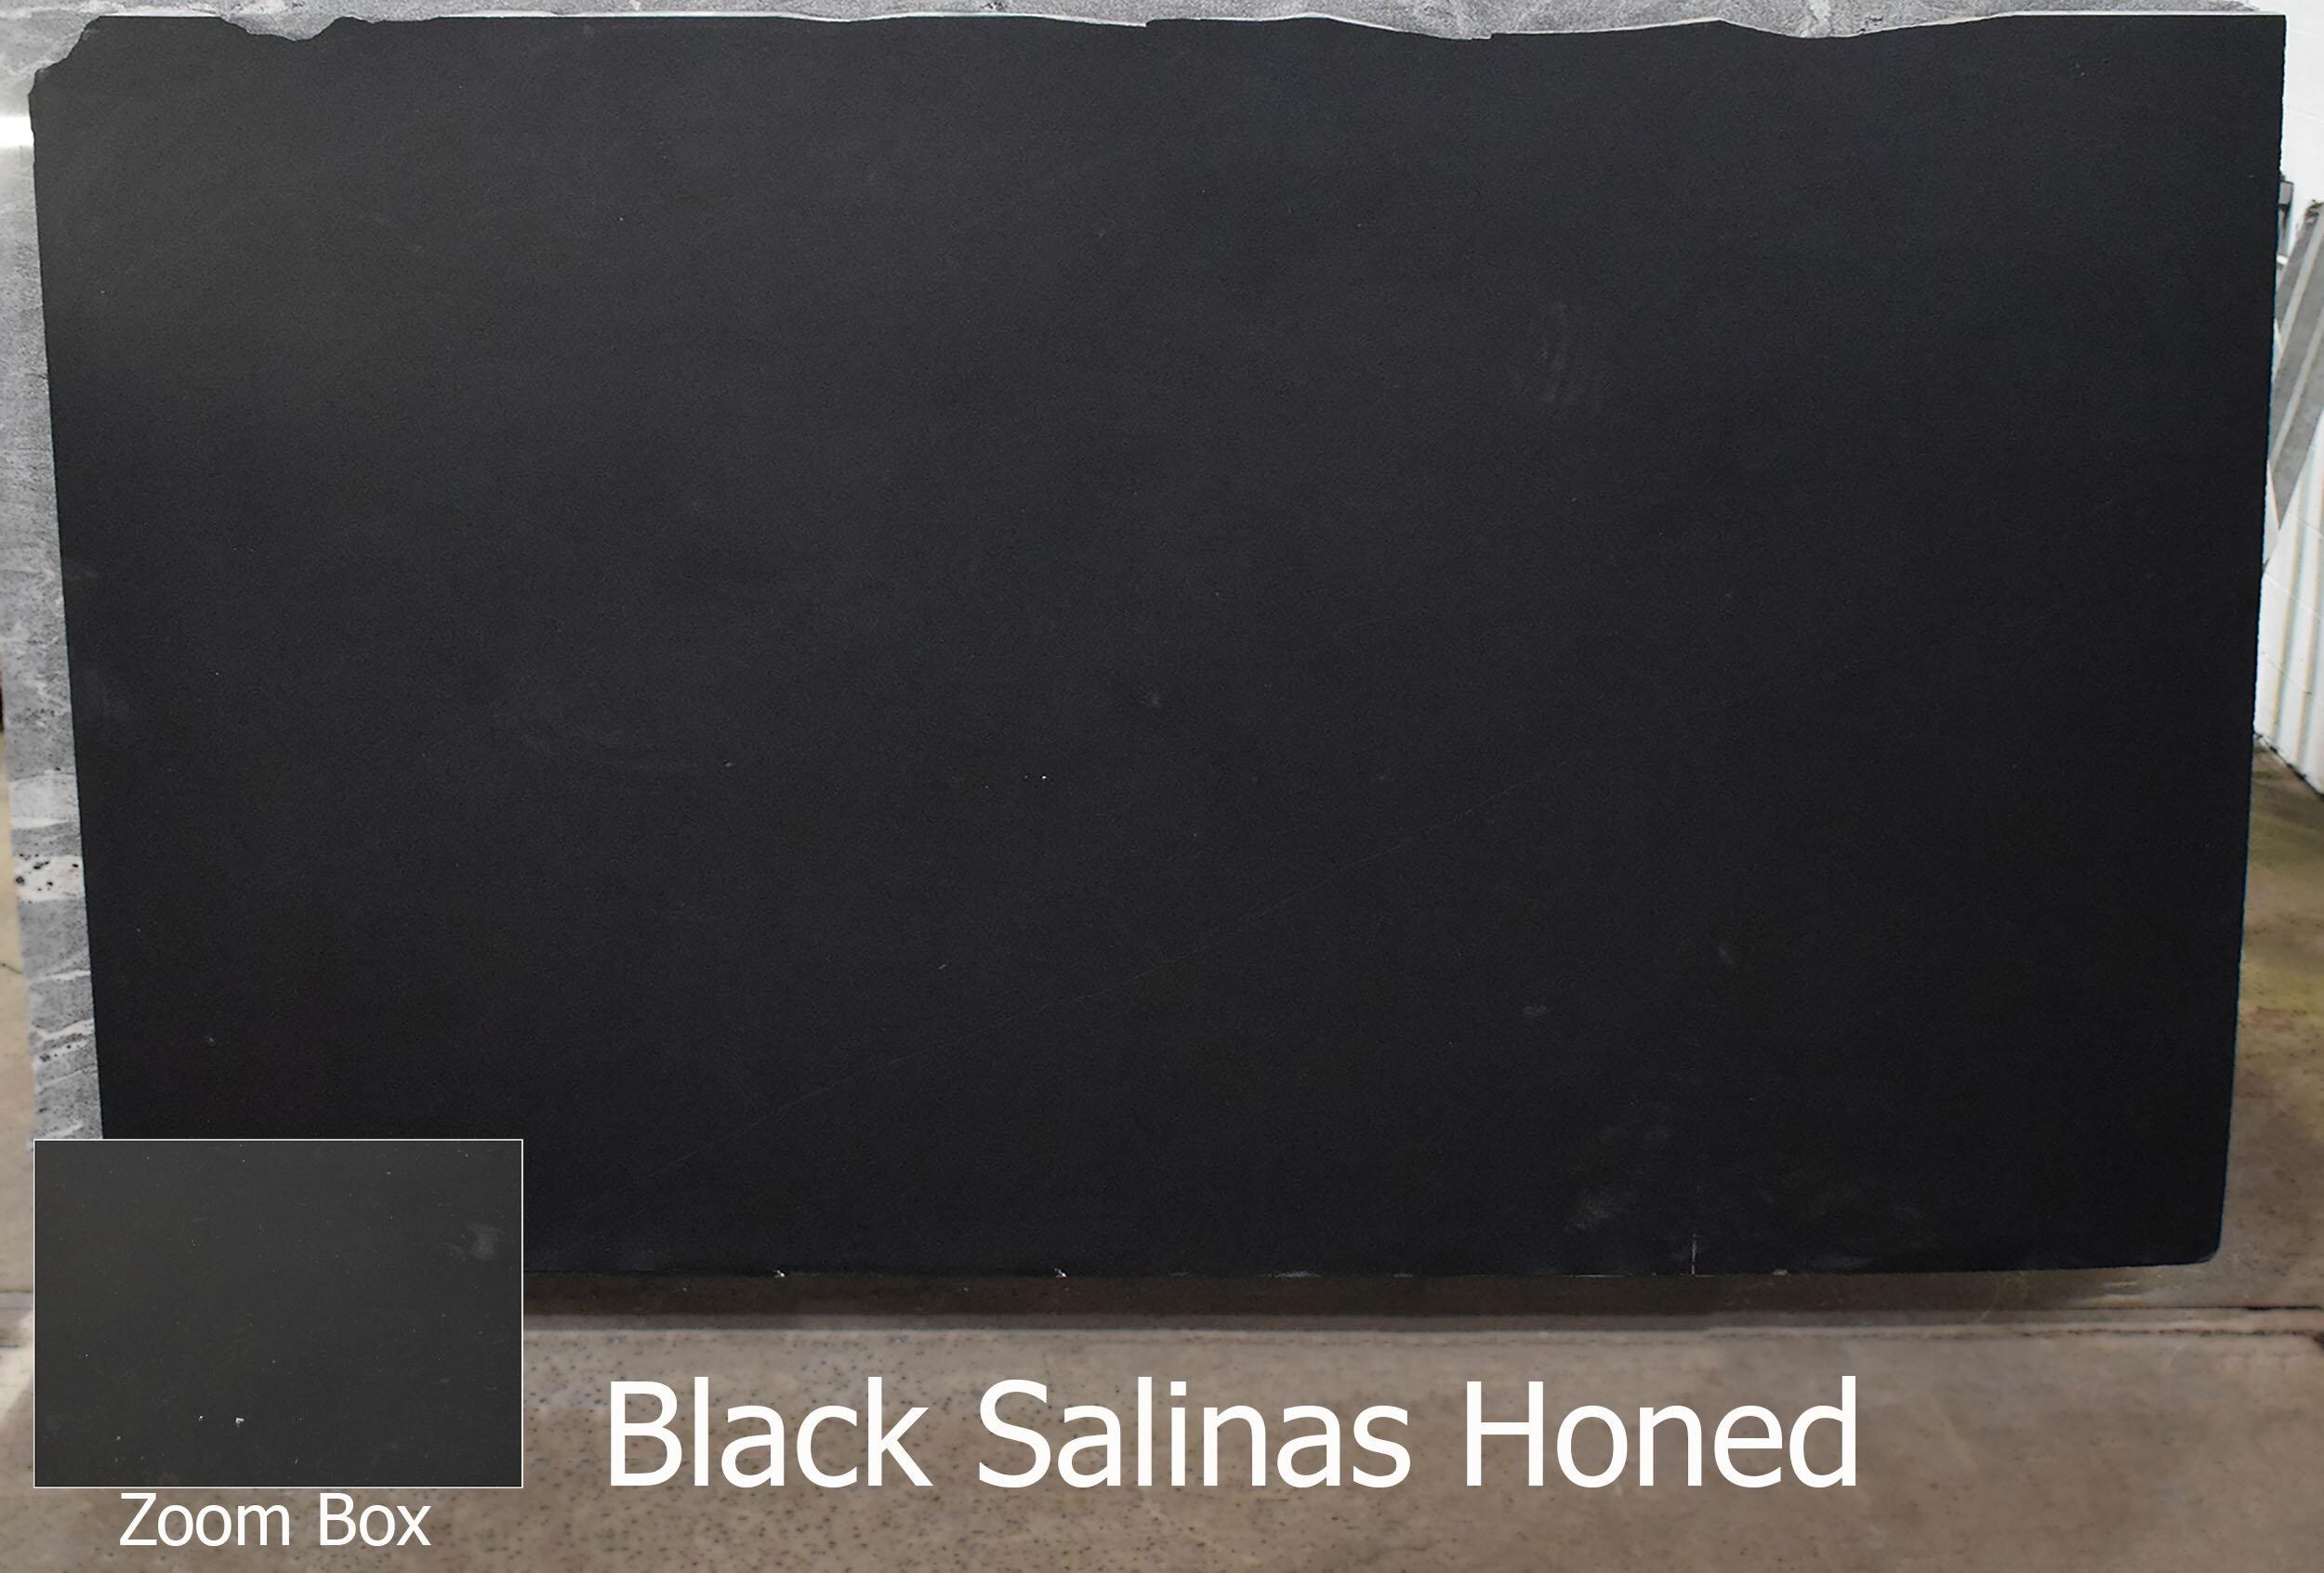 BLACK SALINAS HONED